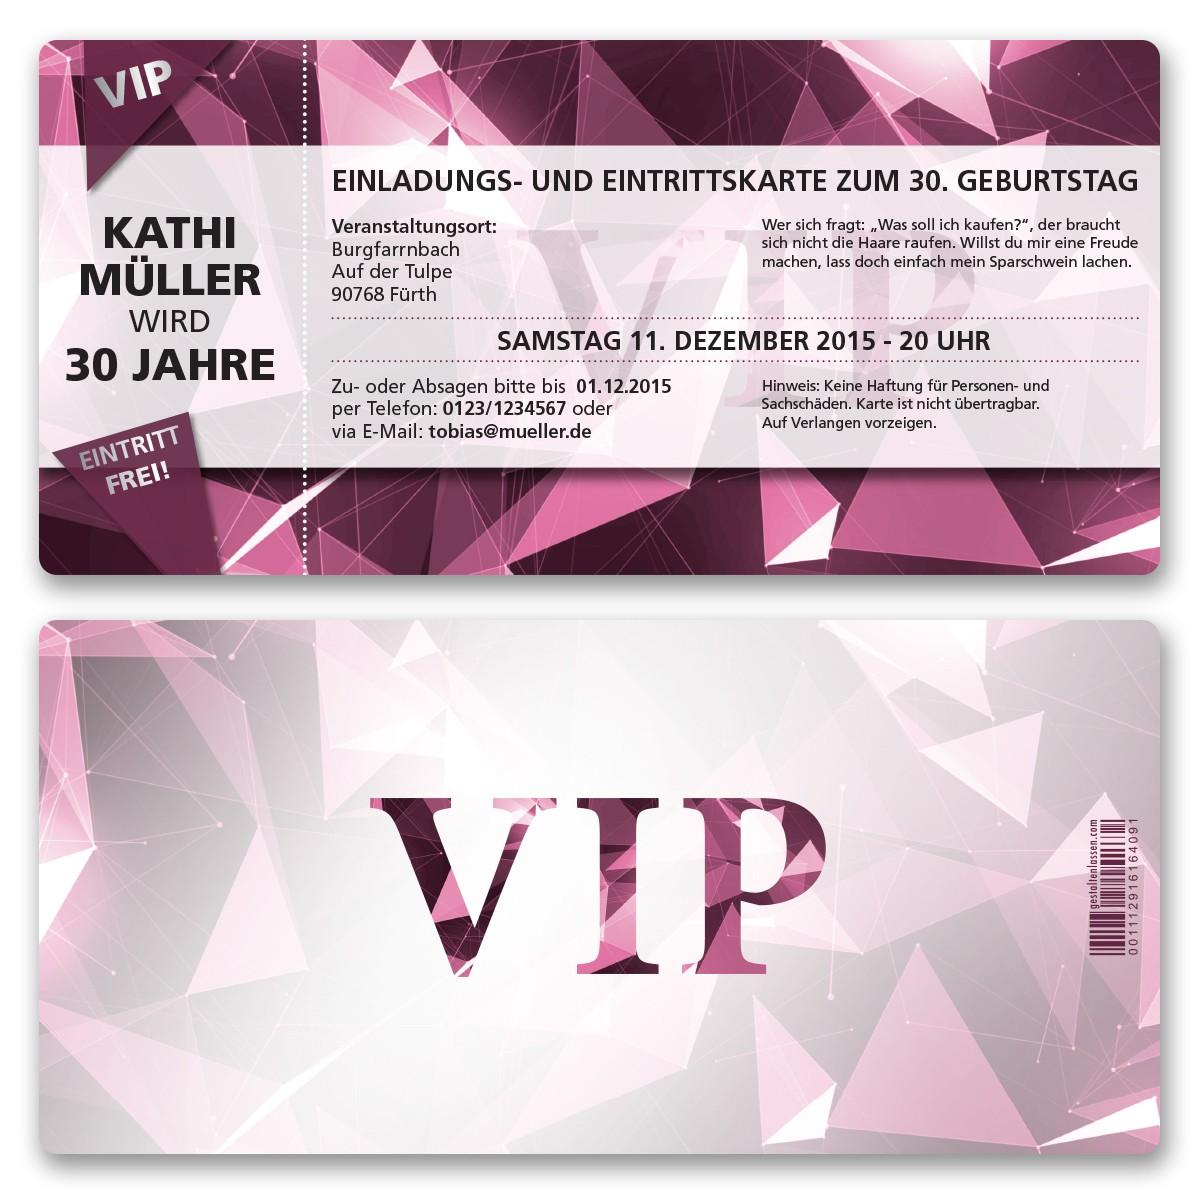 einladungskarten als vip eintrittskarte lila ab 55 cent, Einladungsentwurf